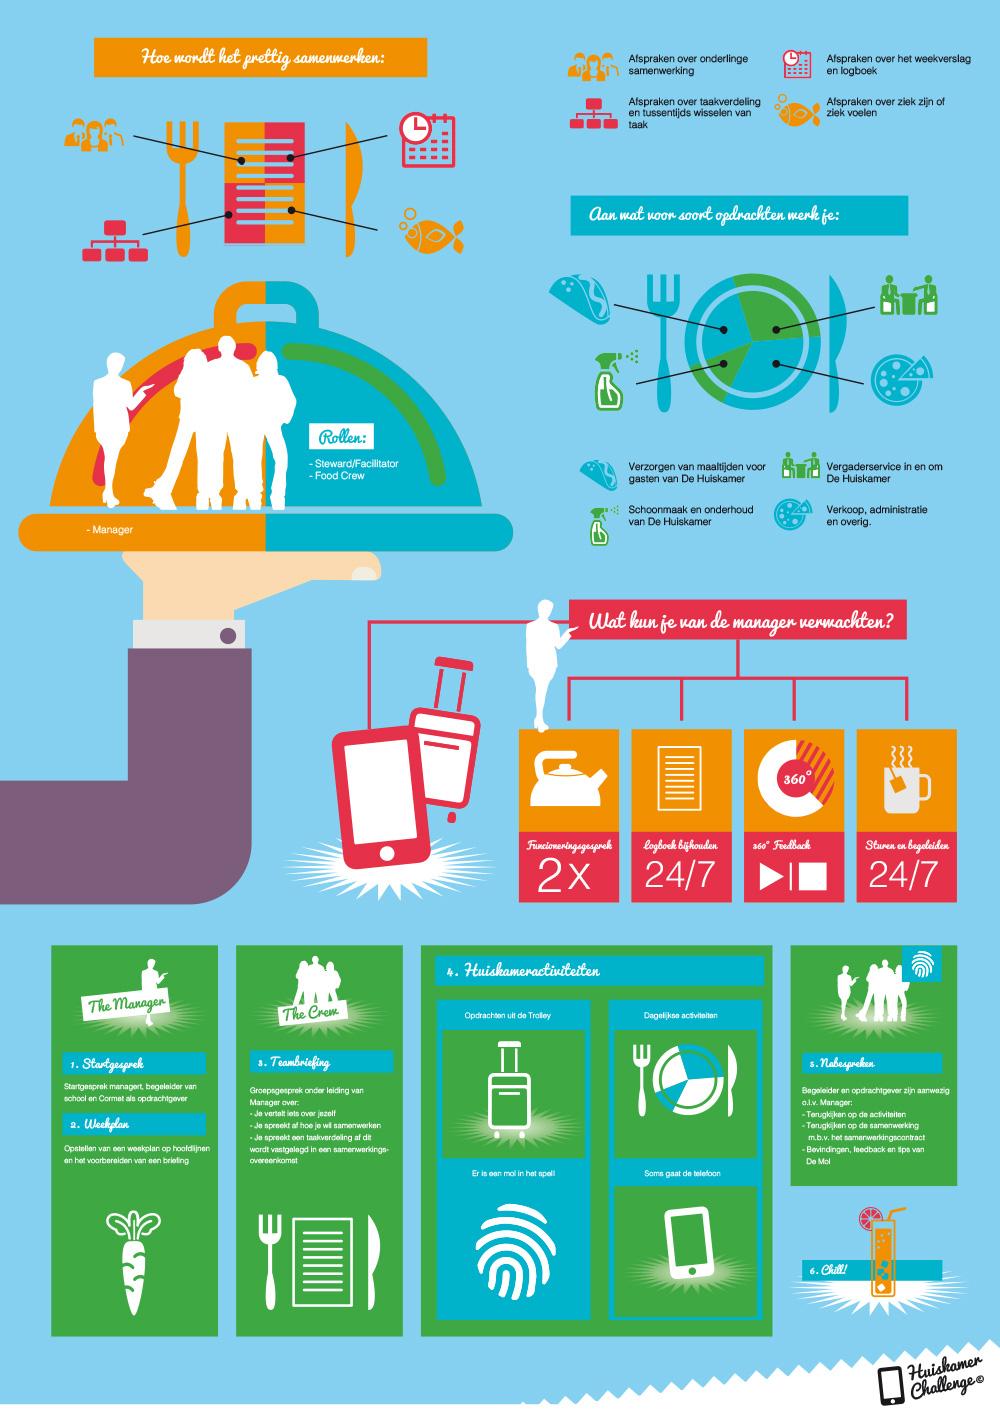 HuiskamerChallenge-infographic